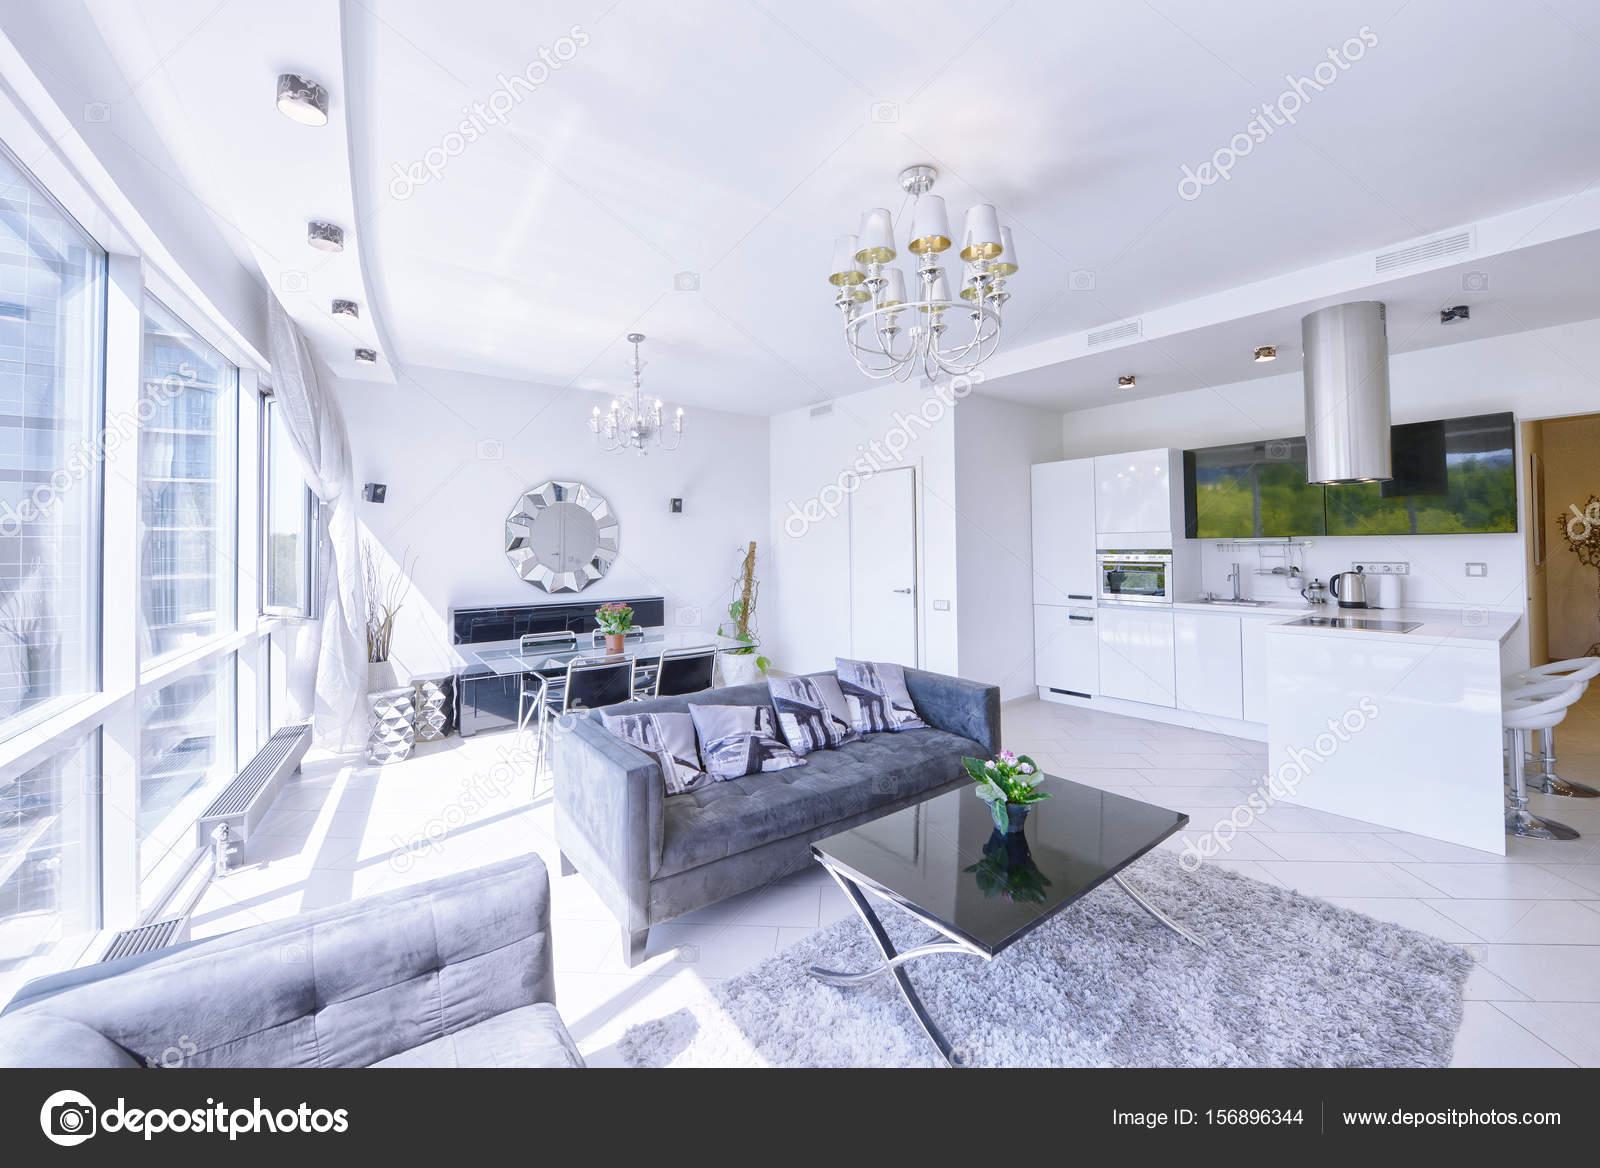 Interieur van de keuken woonkamer in een modern huis u2014 stockfoto